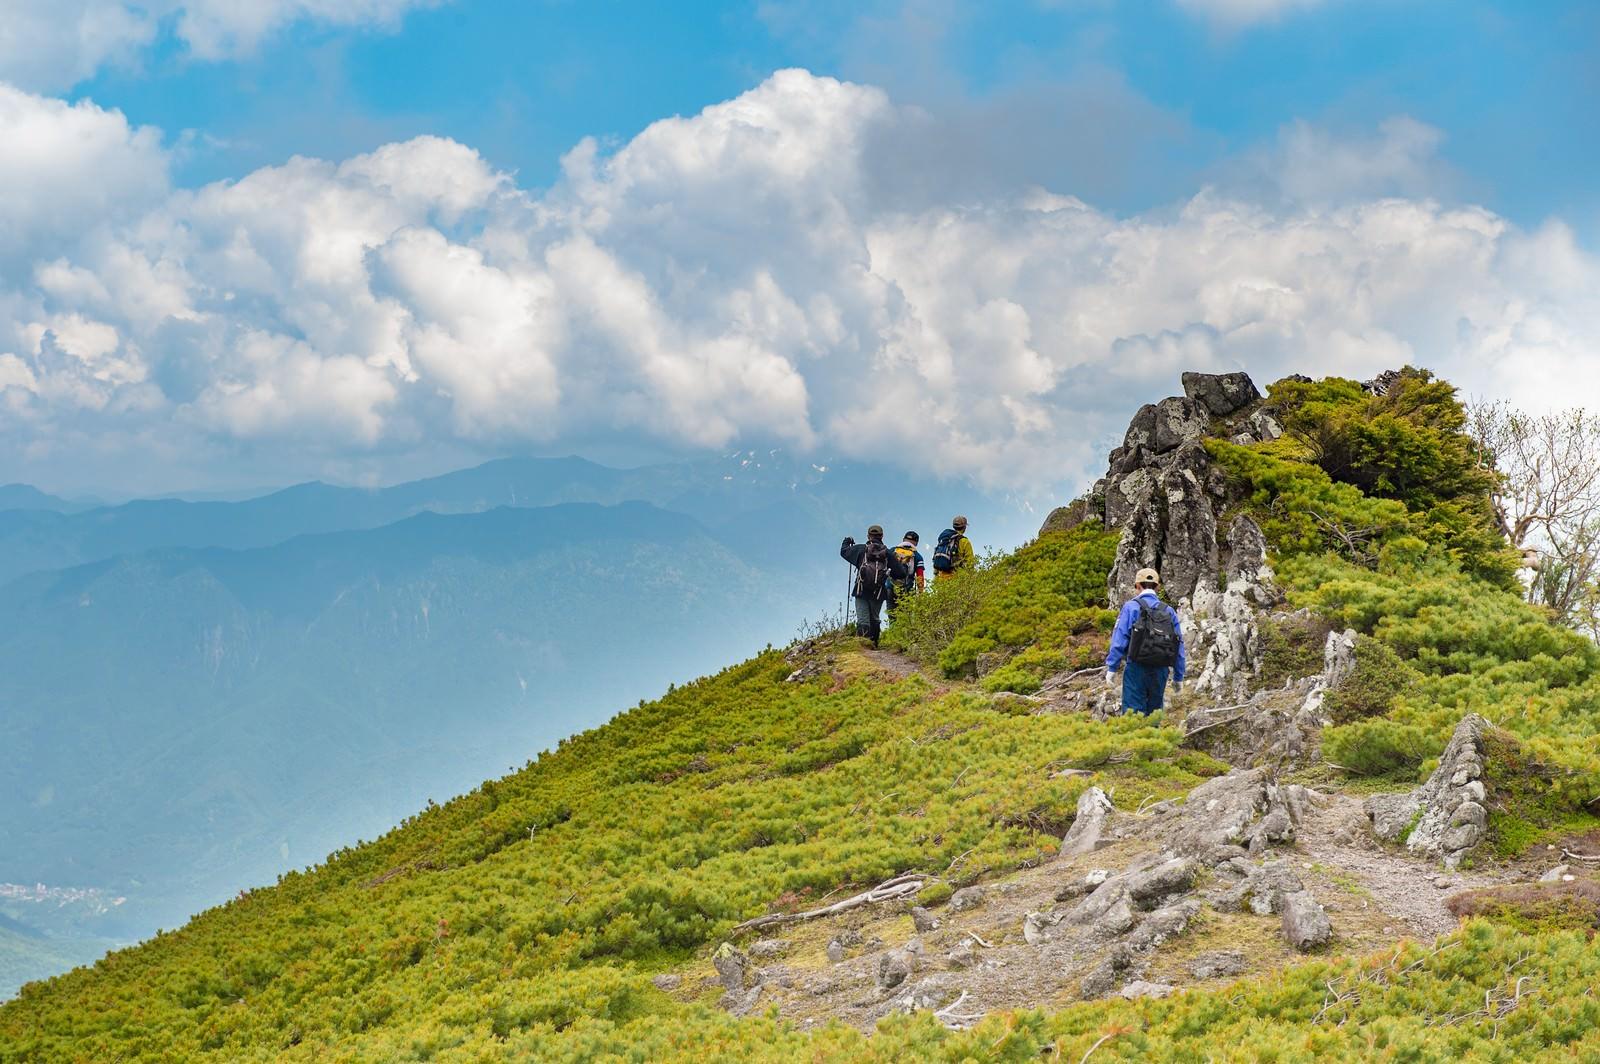 「夏の雲と乗鞍新登山道の稜線」の写真